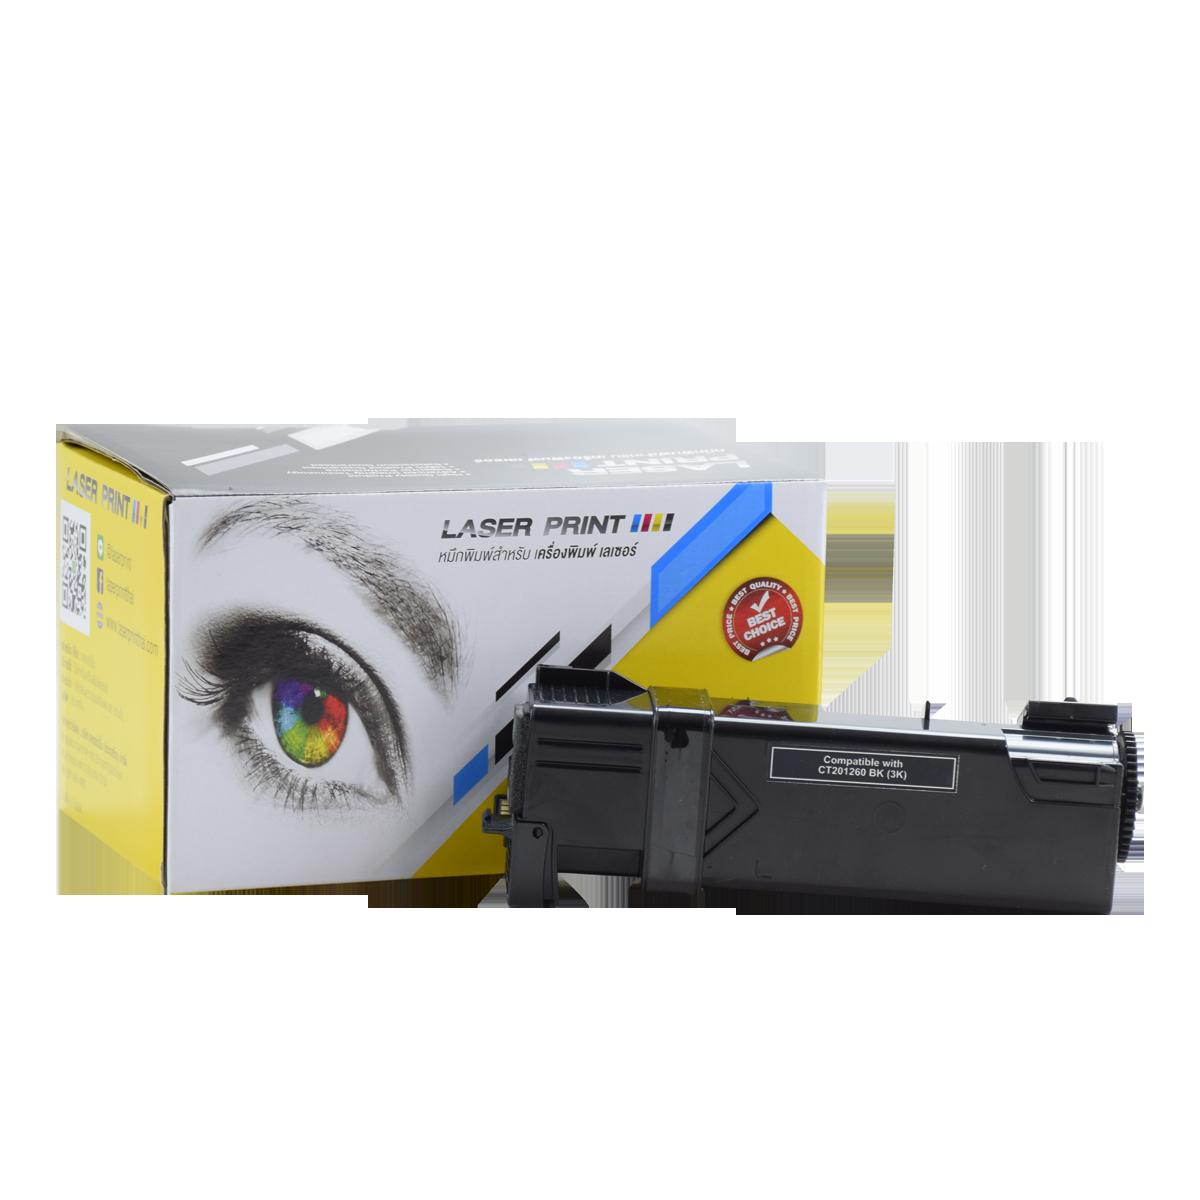 CT201260 (3k) Laserprint Fuji Xerox Black